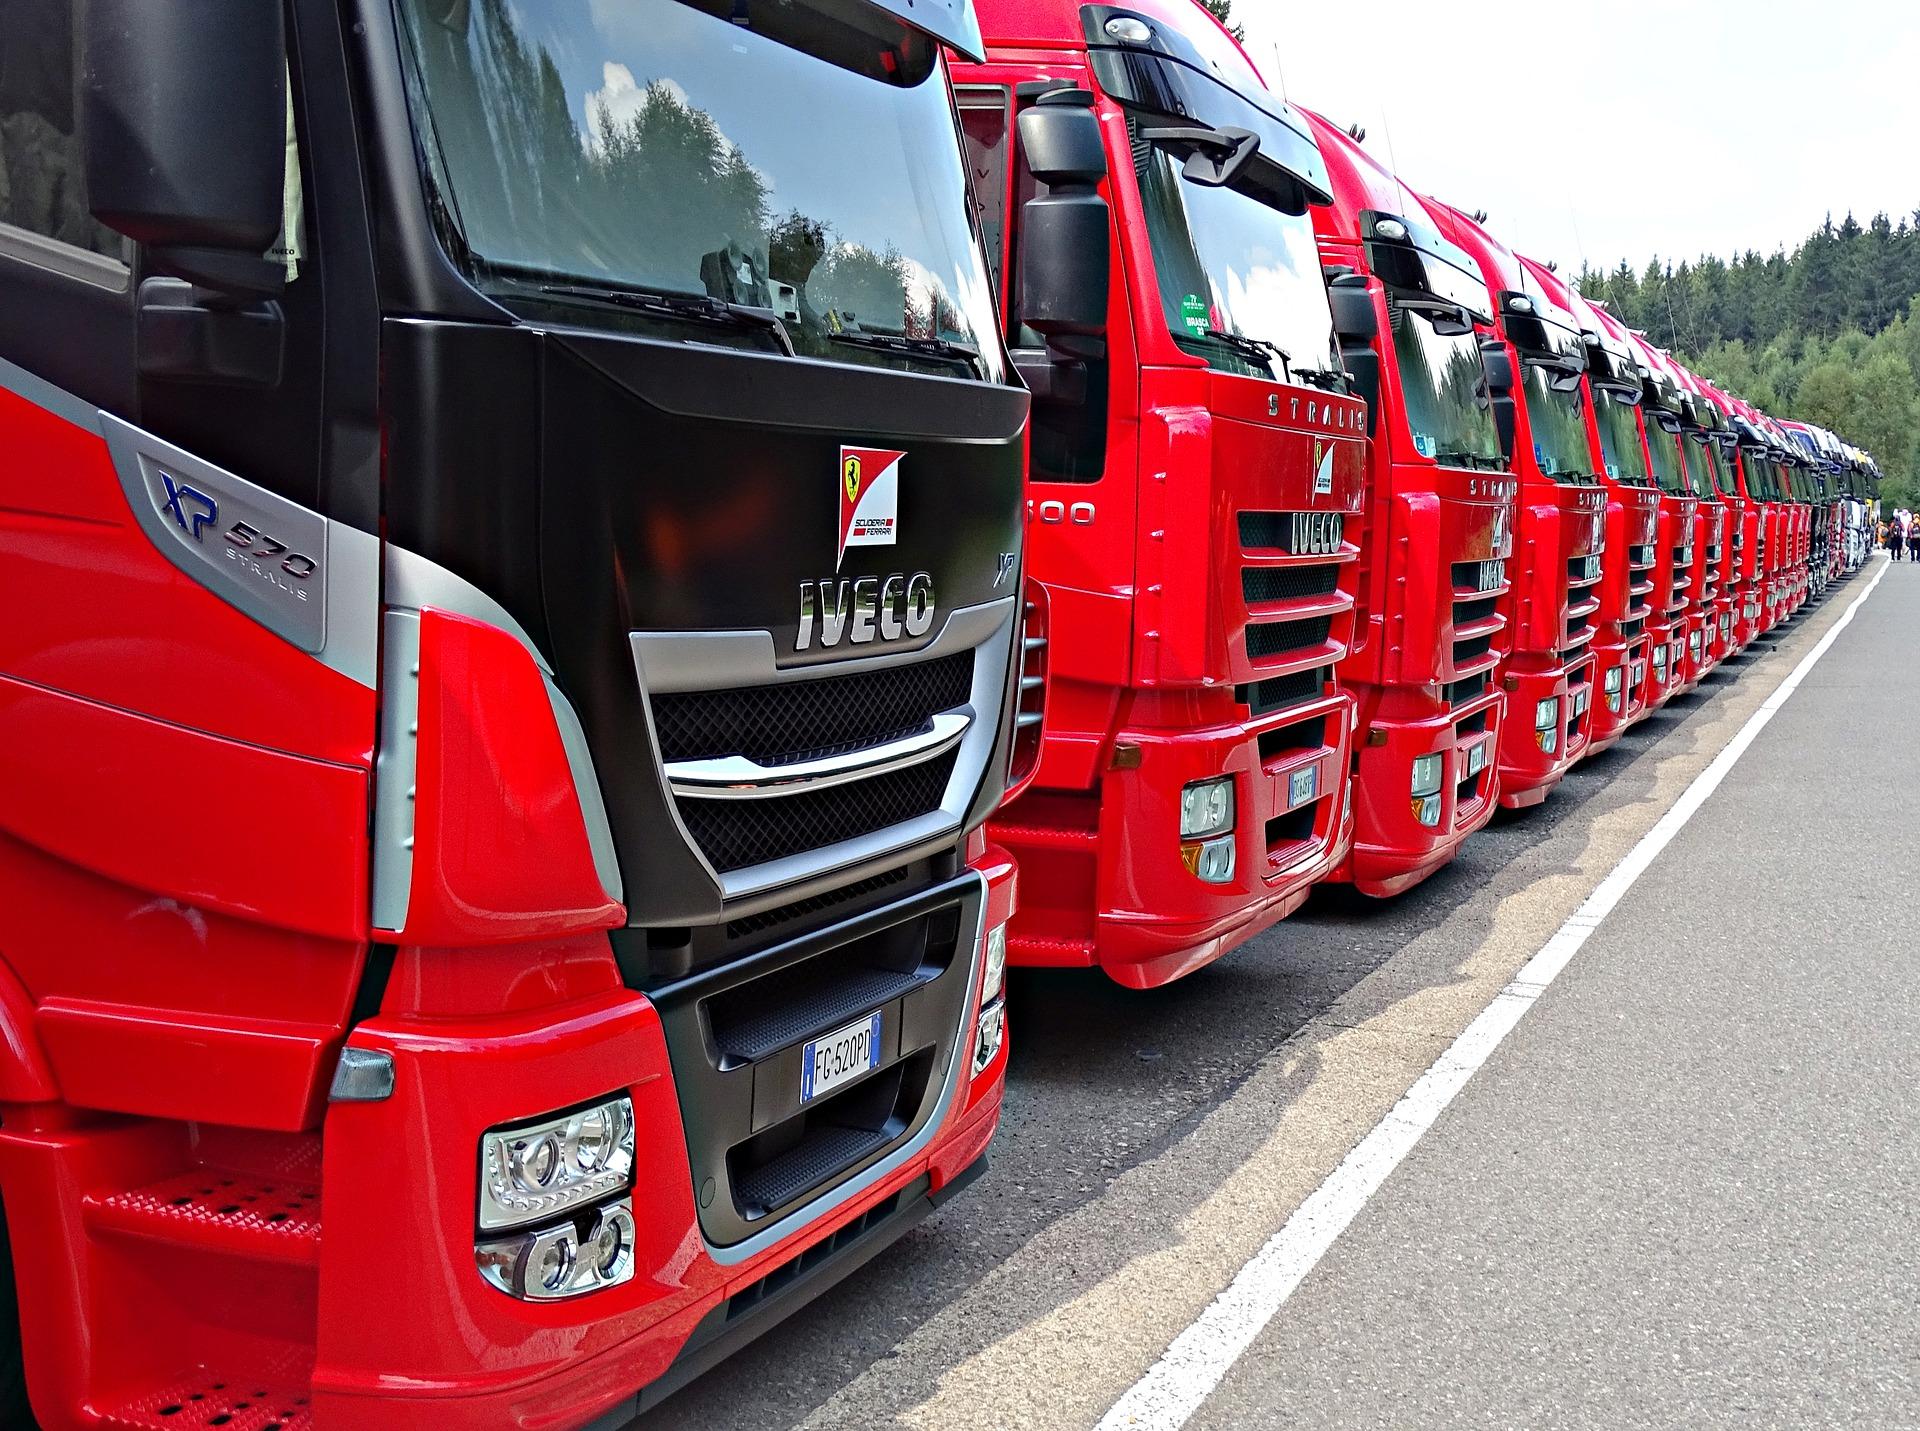 La maire écologiste de Besançon interdit le transit des camions sur certains axes;  Image par GREGOR de Pixabay